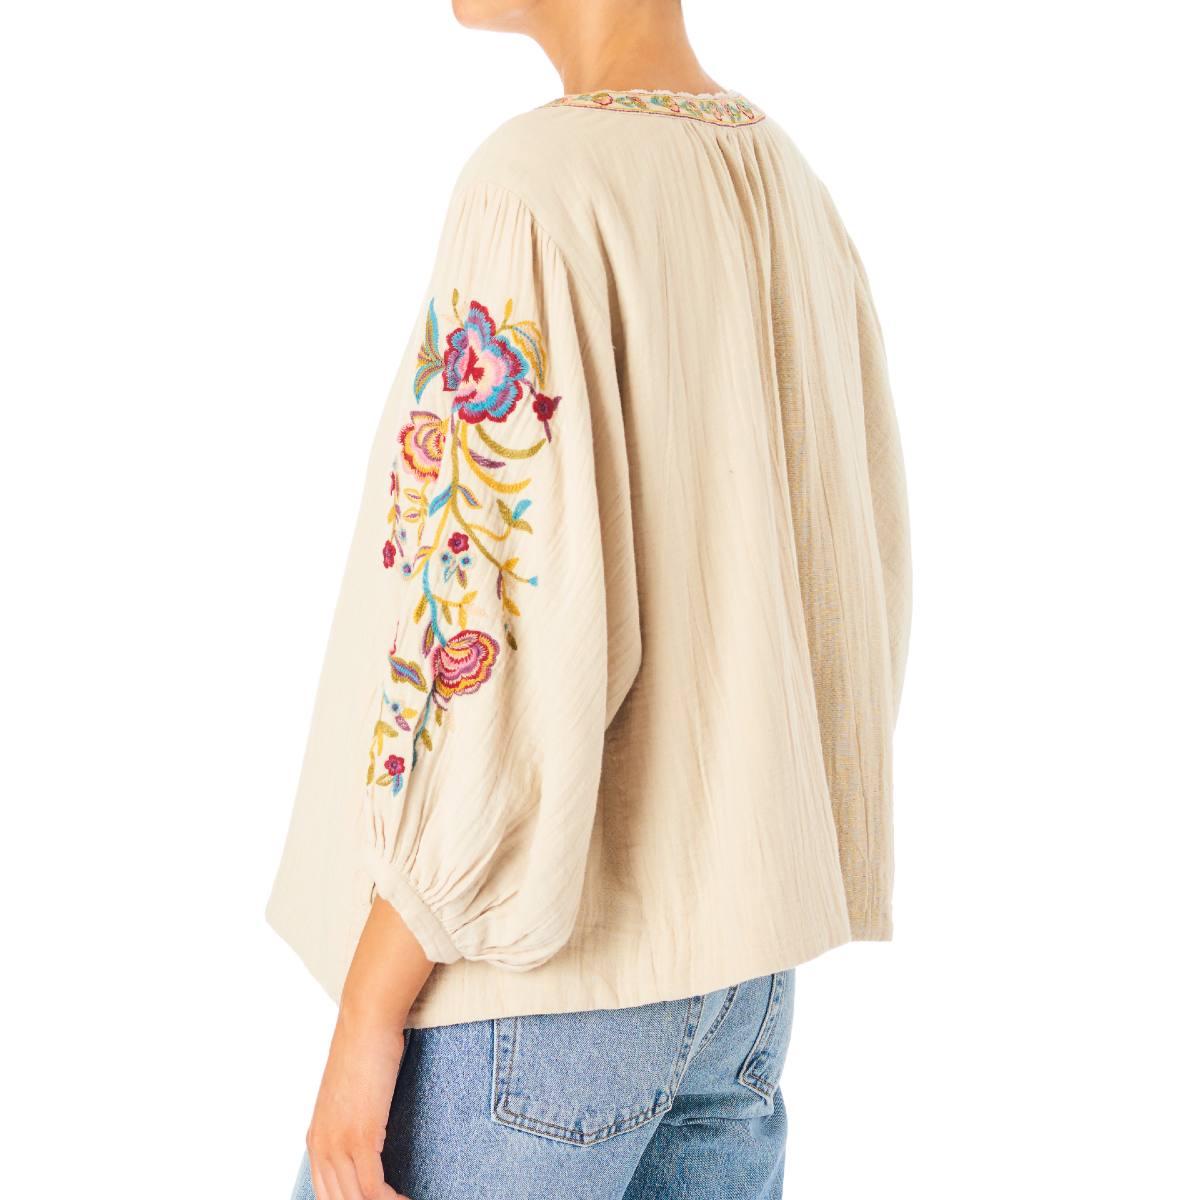 Carmel Embroidered Jacket Ecru by M.A.B.E | Restoration Yard